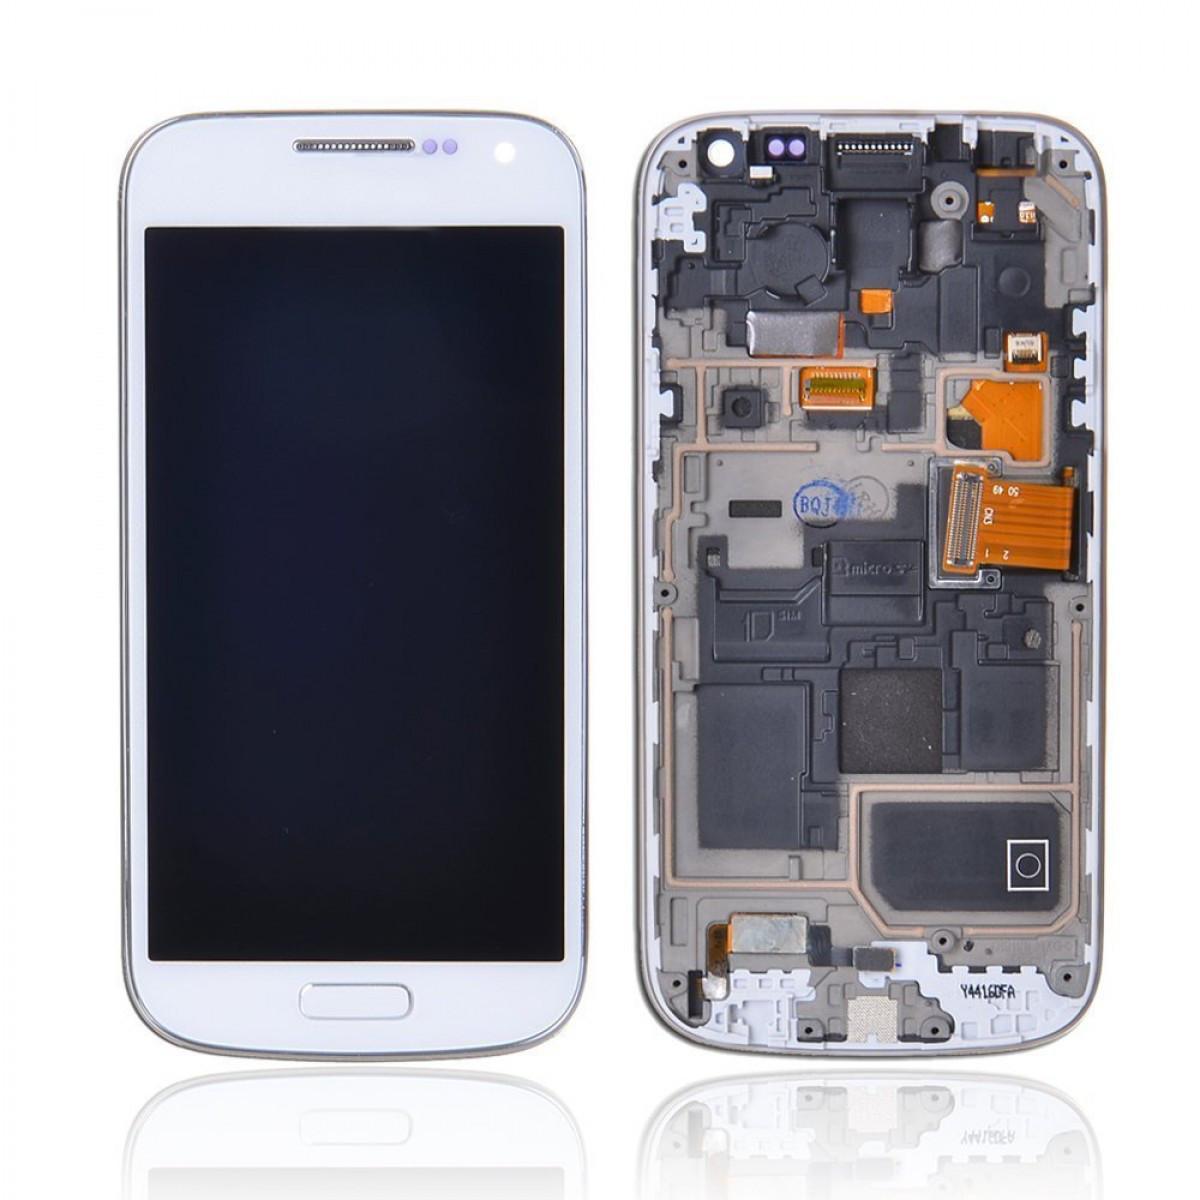 Дисплей модуль I9190 Galaxy S4 mini, I9192 Galaxy S4 Mini Duos, I9195 Galaxy S4 mini в зборі з тачскріном, білий, з рамкою